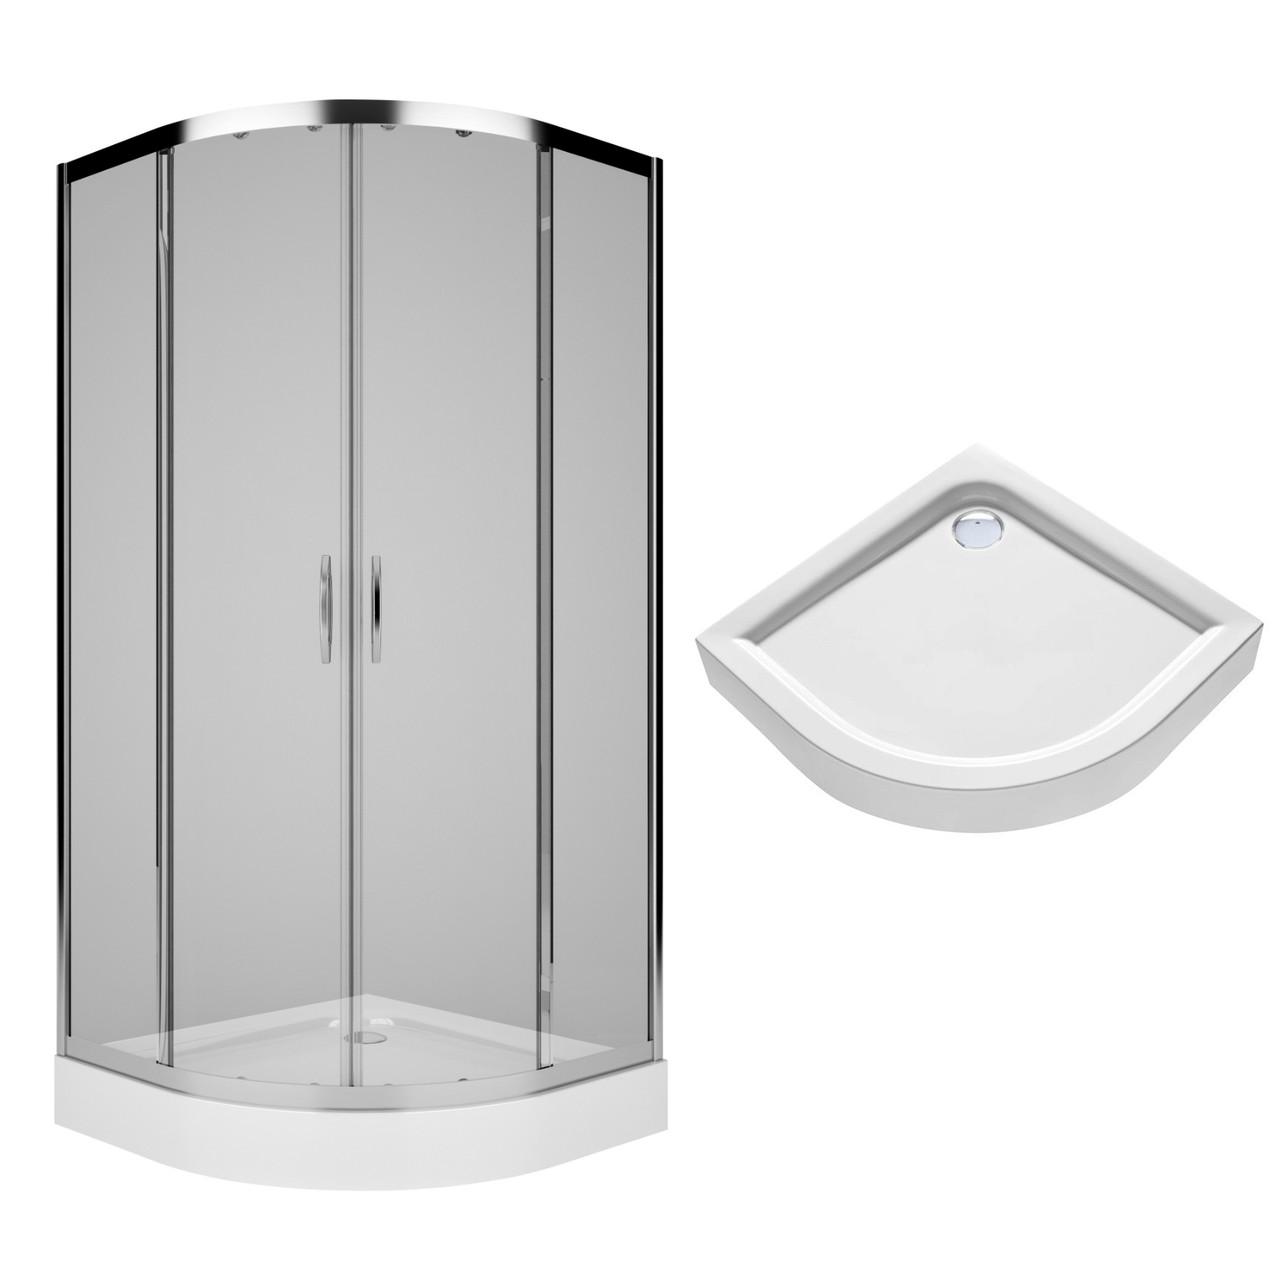 Комплект: REKORD душевая кабина 90см, полукруглая, прозрачное стекло, серебристый блеск + FIRST поддон